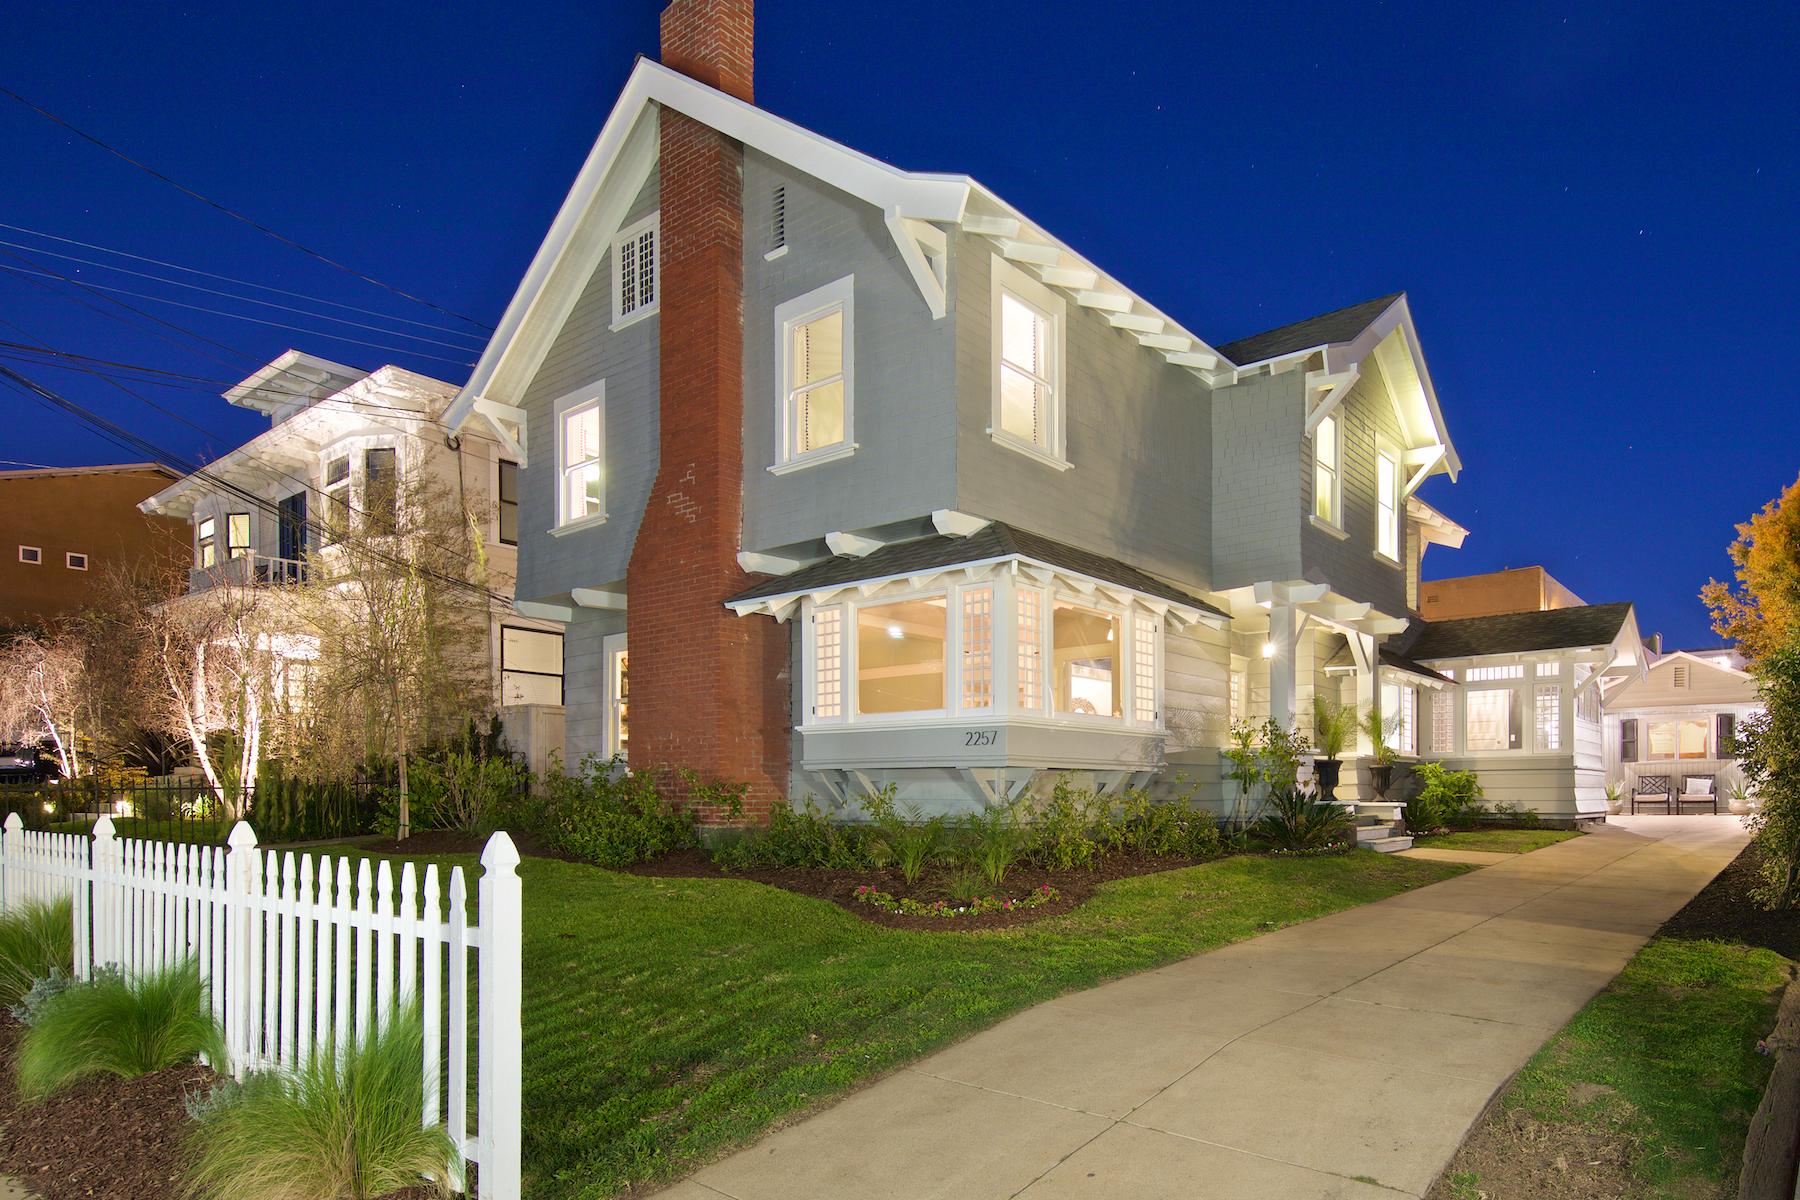 Maison unifamiliale pour l Vente à 2257 Front Street San Diego, Californie, 92101 États-Unis